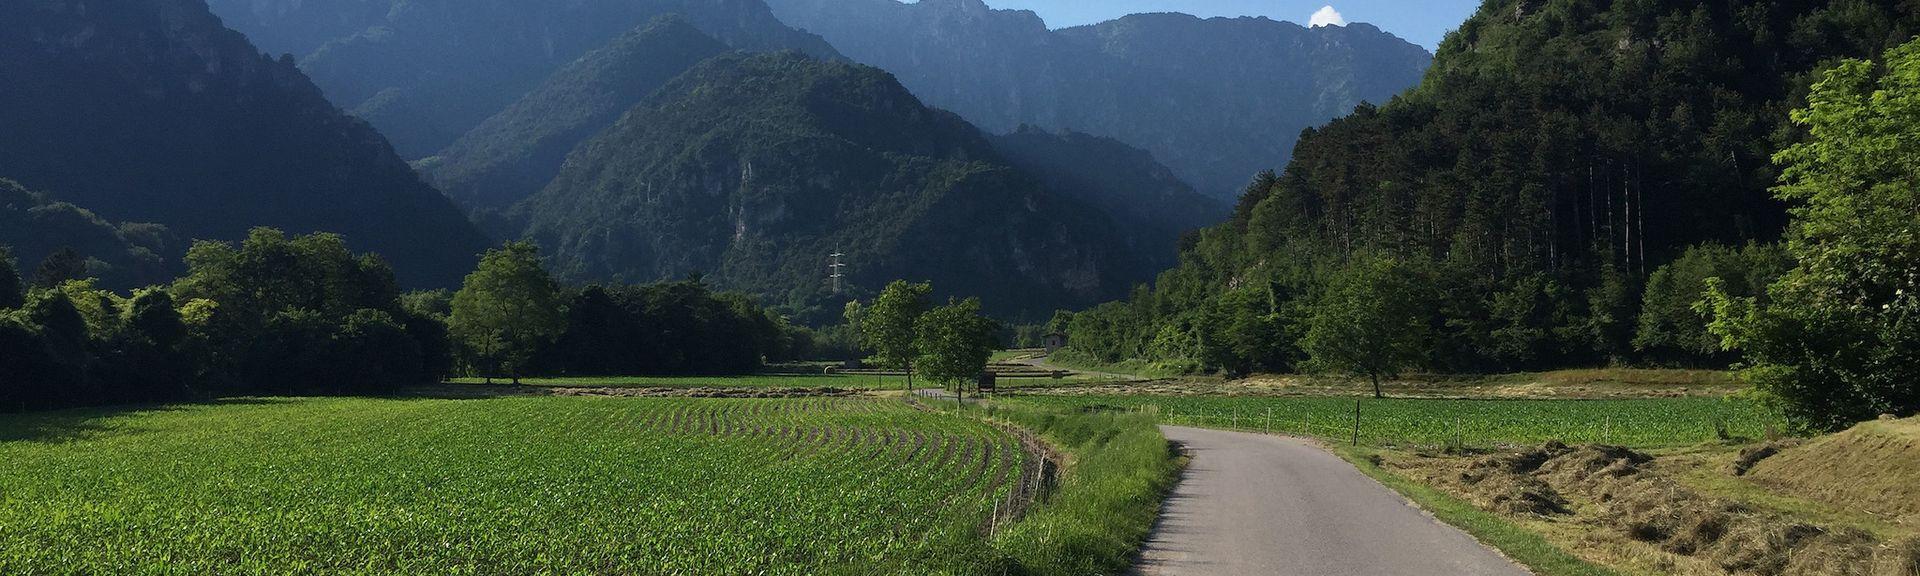 Parc aventure Breg Adventure Park, Sella Giudicarie, Trentin-Haut-Adige, Italie